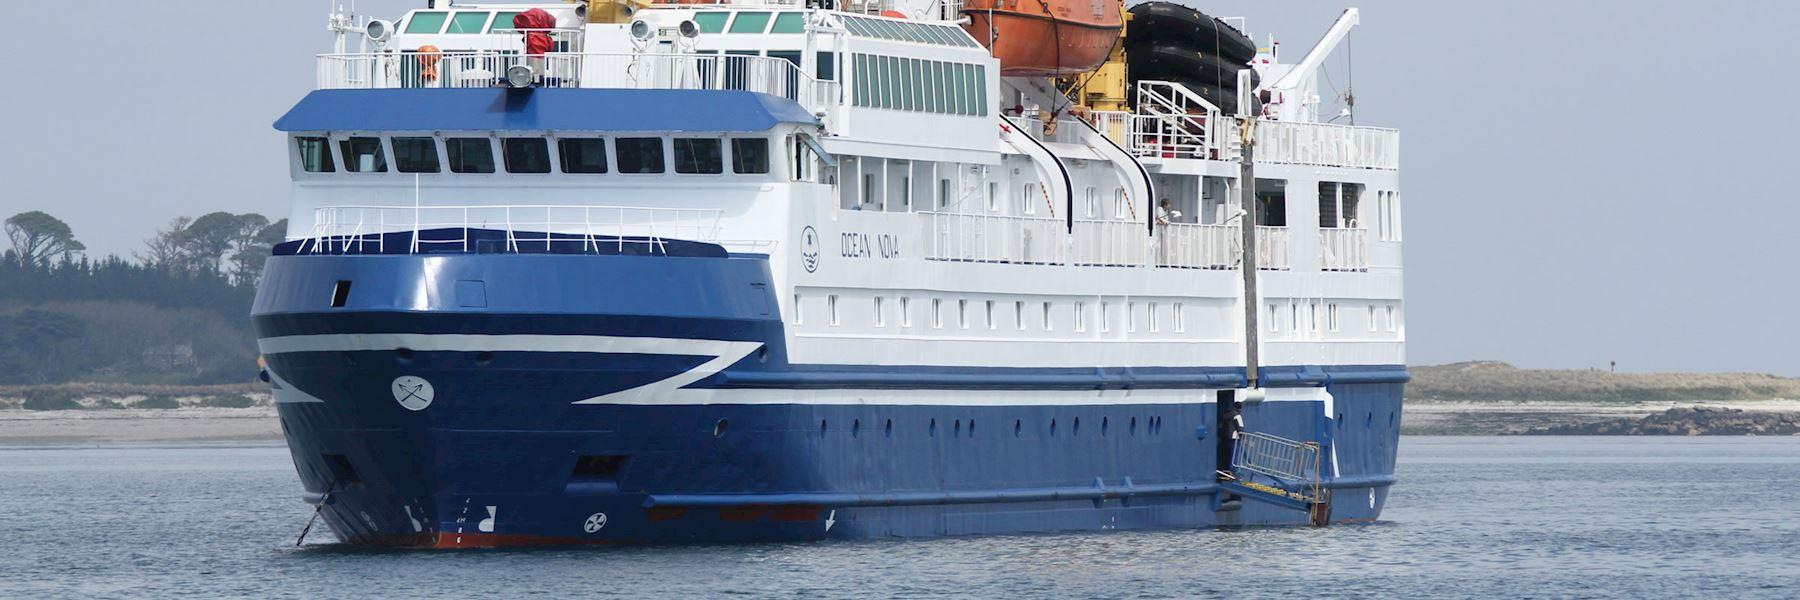 Cruise Ships in Antarctica: Ocean Nova